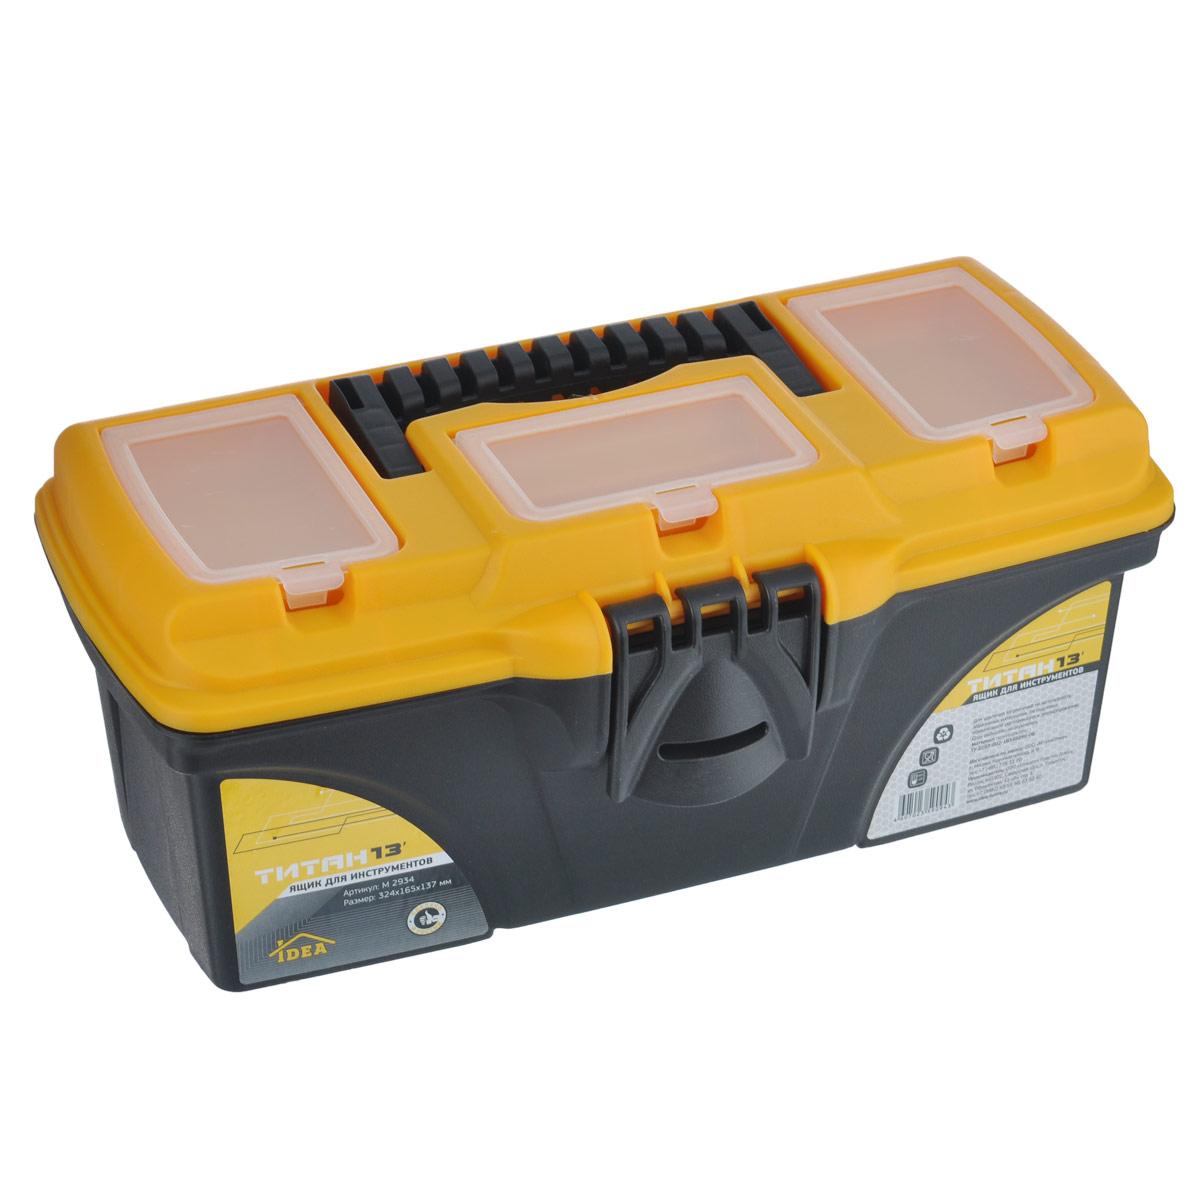 Ящик для инструментов Idea Титан 13, с органайзером, 32,4 х 16,5 х 13,7 см80625Ящик Idea Титан 13 изготовлен из прочного пластика и предназначен для хранения и переноски инструментов. Вместительный, внутри имеет большое главное отделение. В комплект входит съемный лоток с ручкой для инструментов. Крышка ящика оснащена тремя прозрачными отделениями, которые закрываются на защелку. Для более комфортного переноса в руках, на крышке предусмотрена удобная ручка.Ящик закрывается при помощи крепкой защелки, которая не допускает случайного открывания.